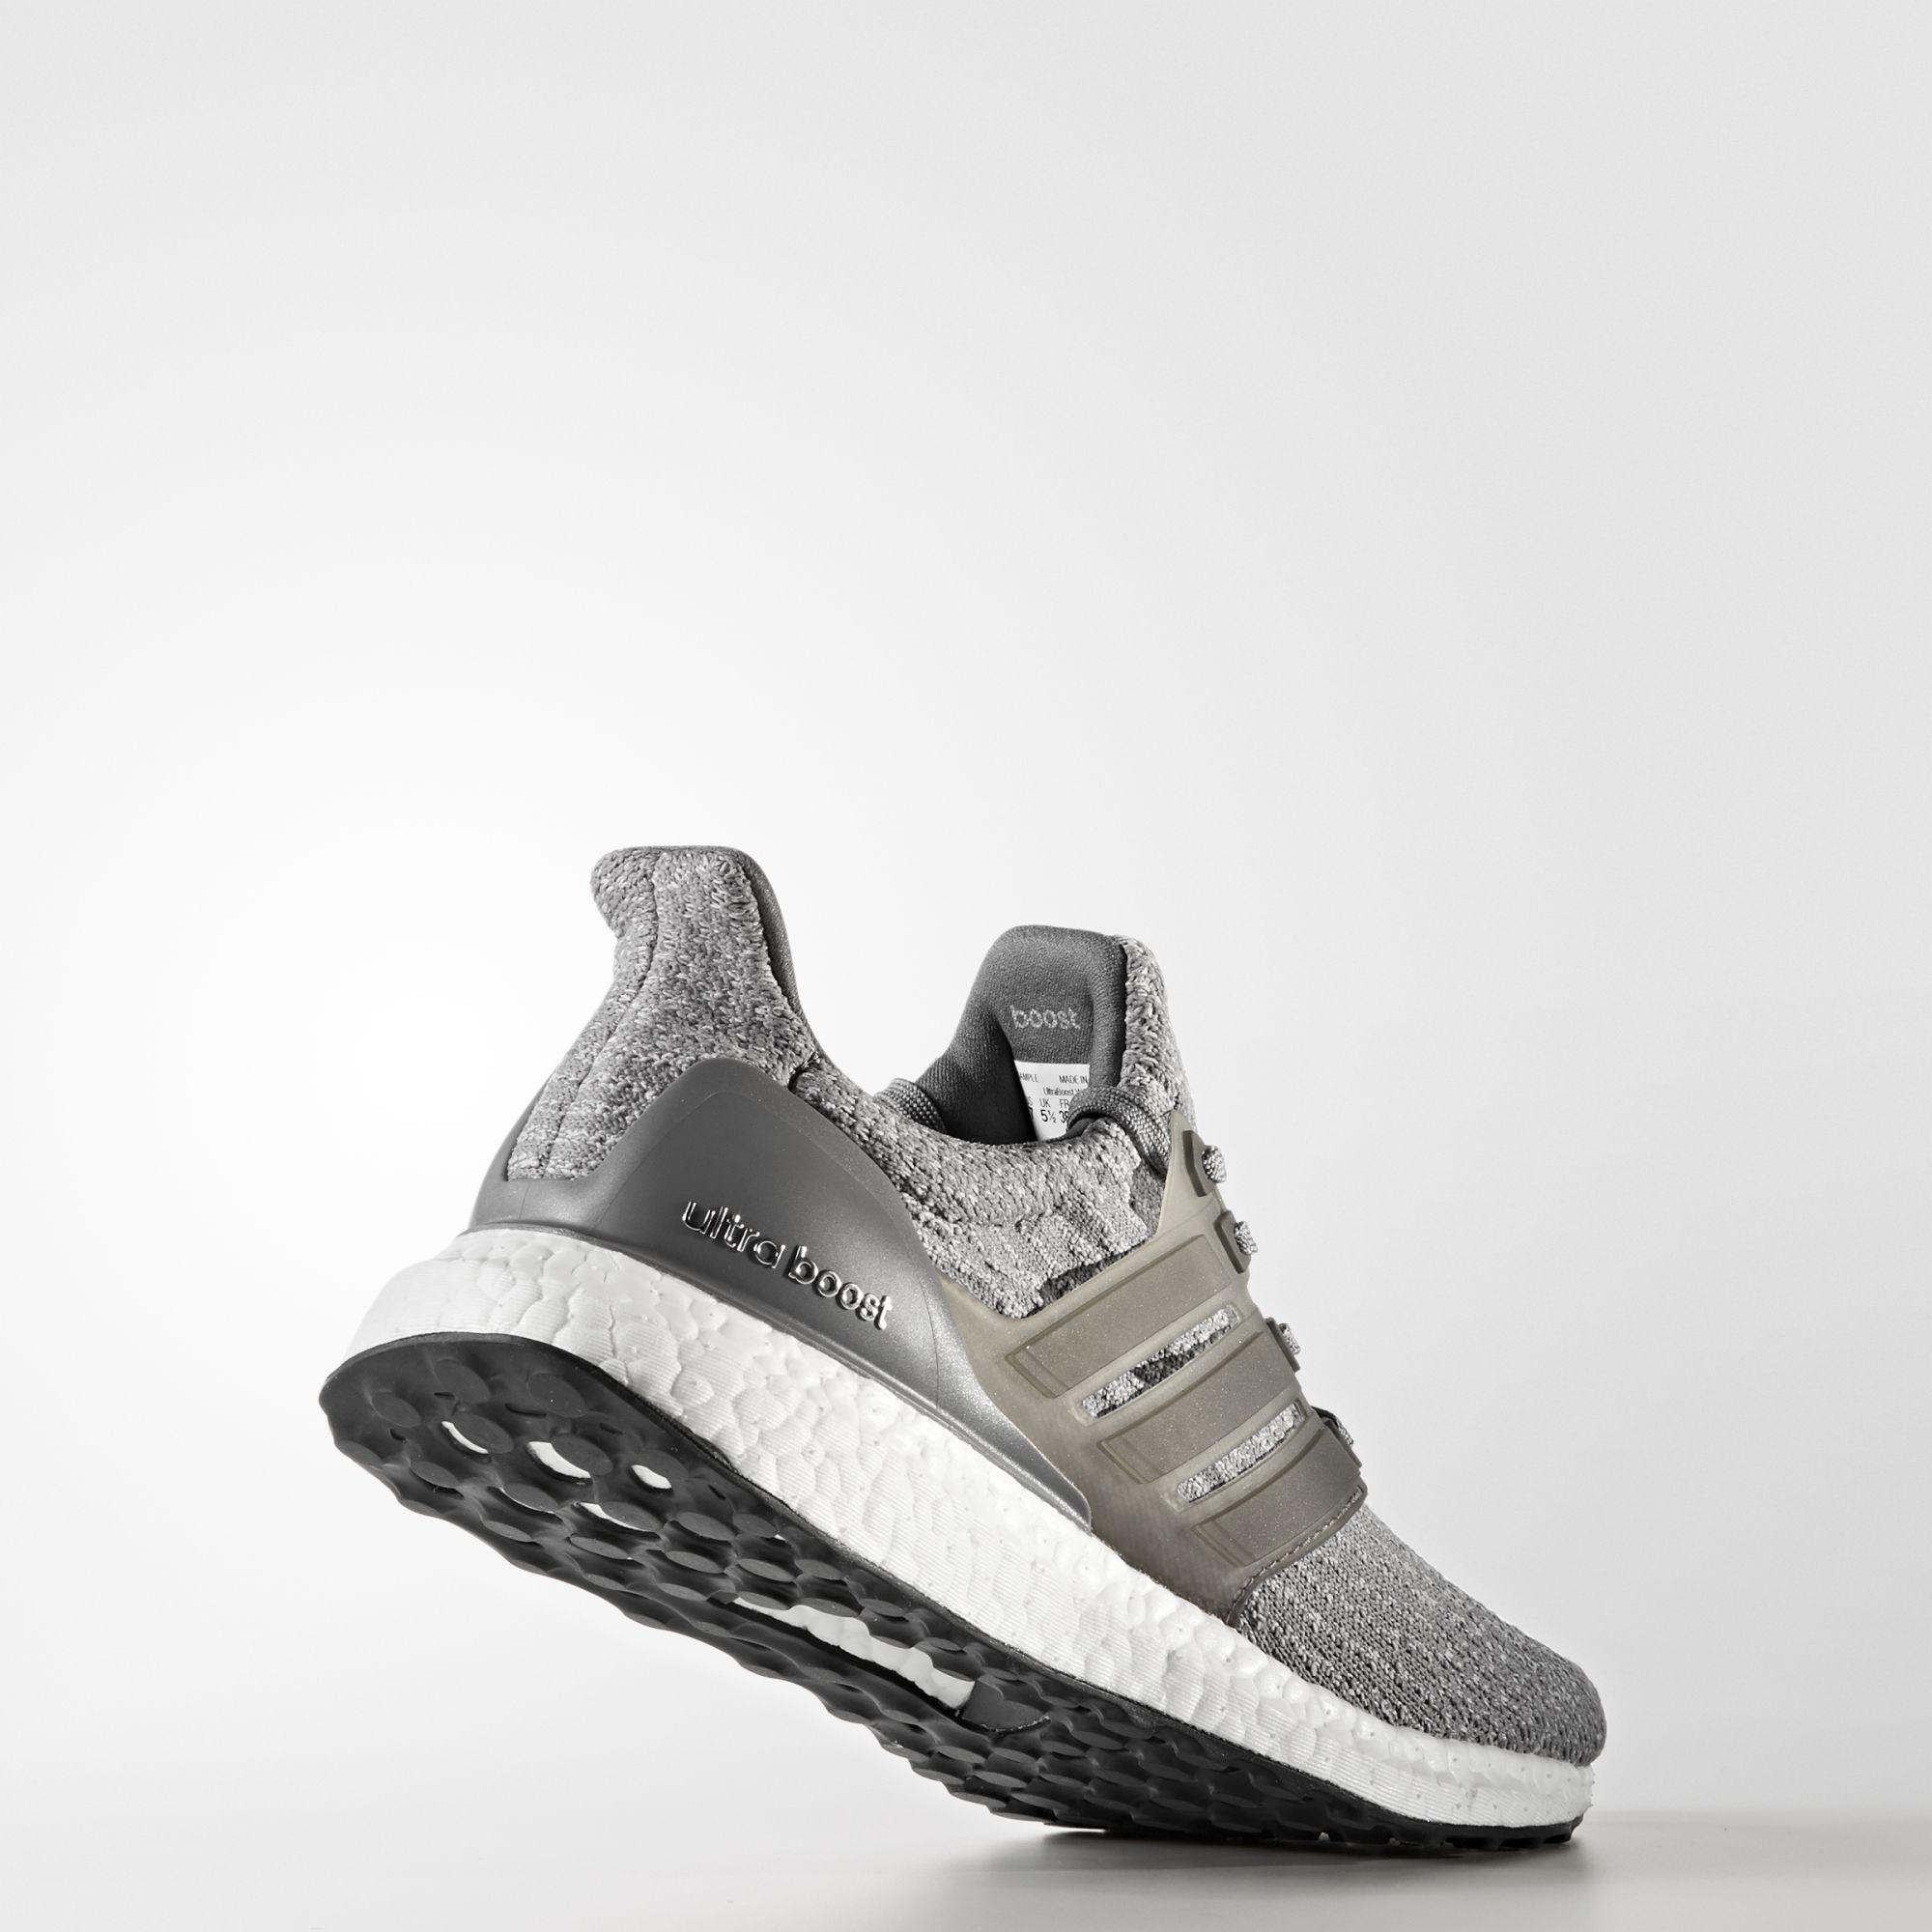 adidas UltraBOOST w in Grau